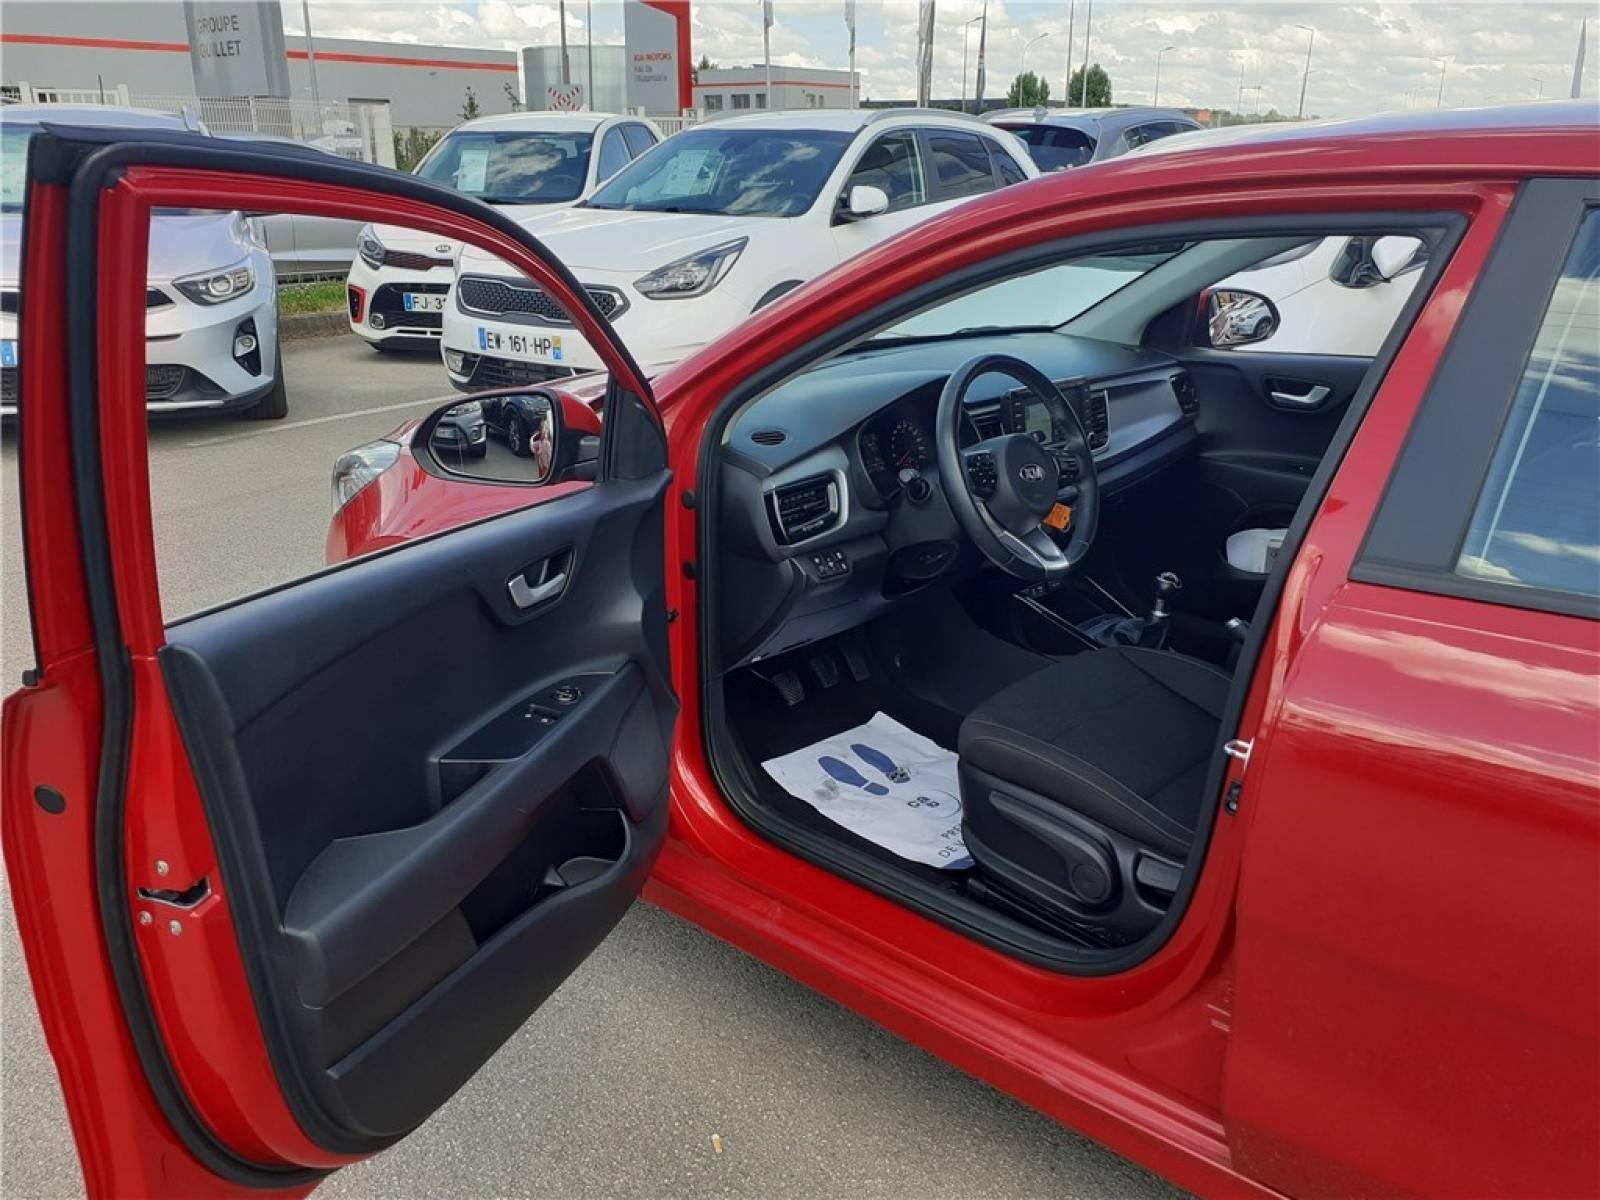 KIA Rio 1.2L 84 ch ISG - véhicule d'occasion - Groupe Guillet - Opel Magicauto - Chalon-sur-Saône - 71380 - Saint-Marcel - 14